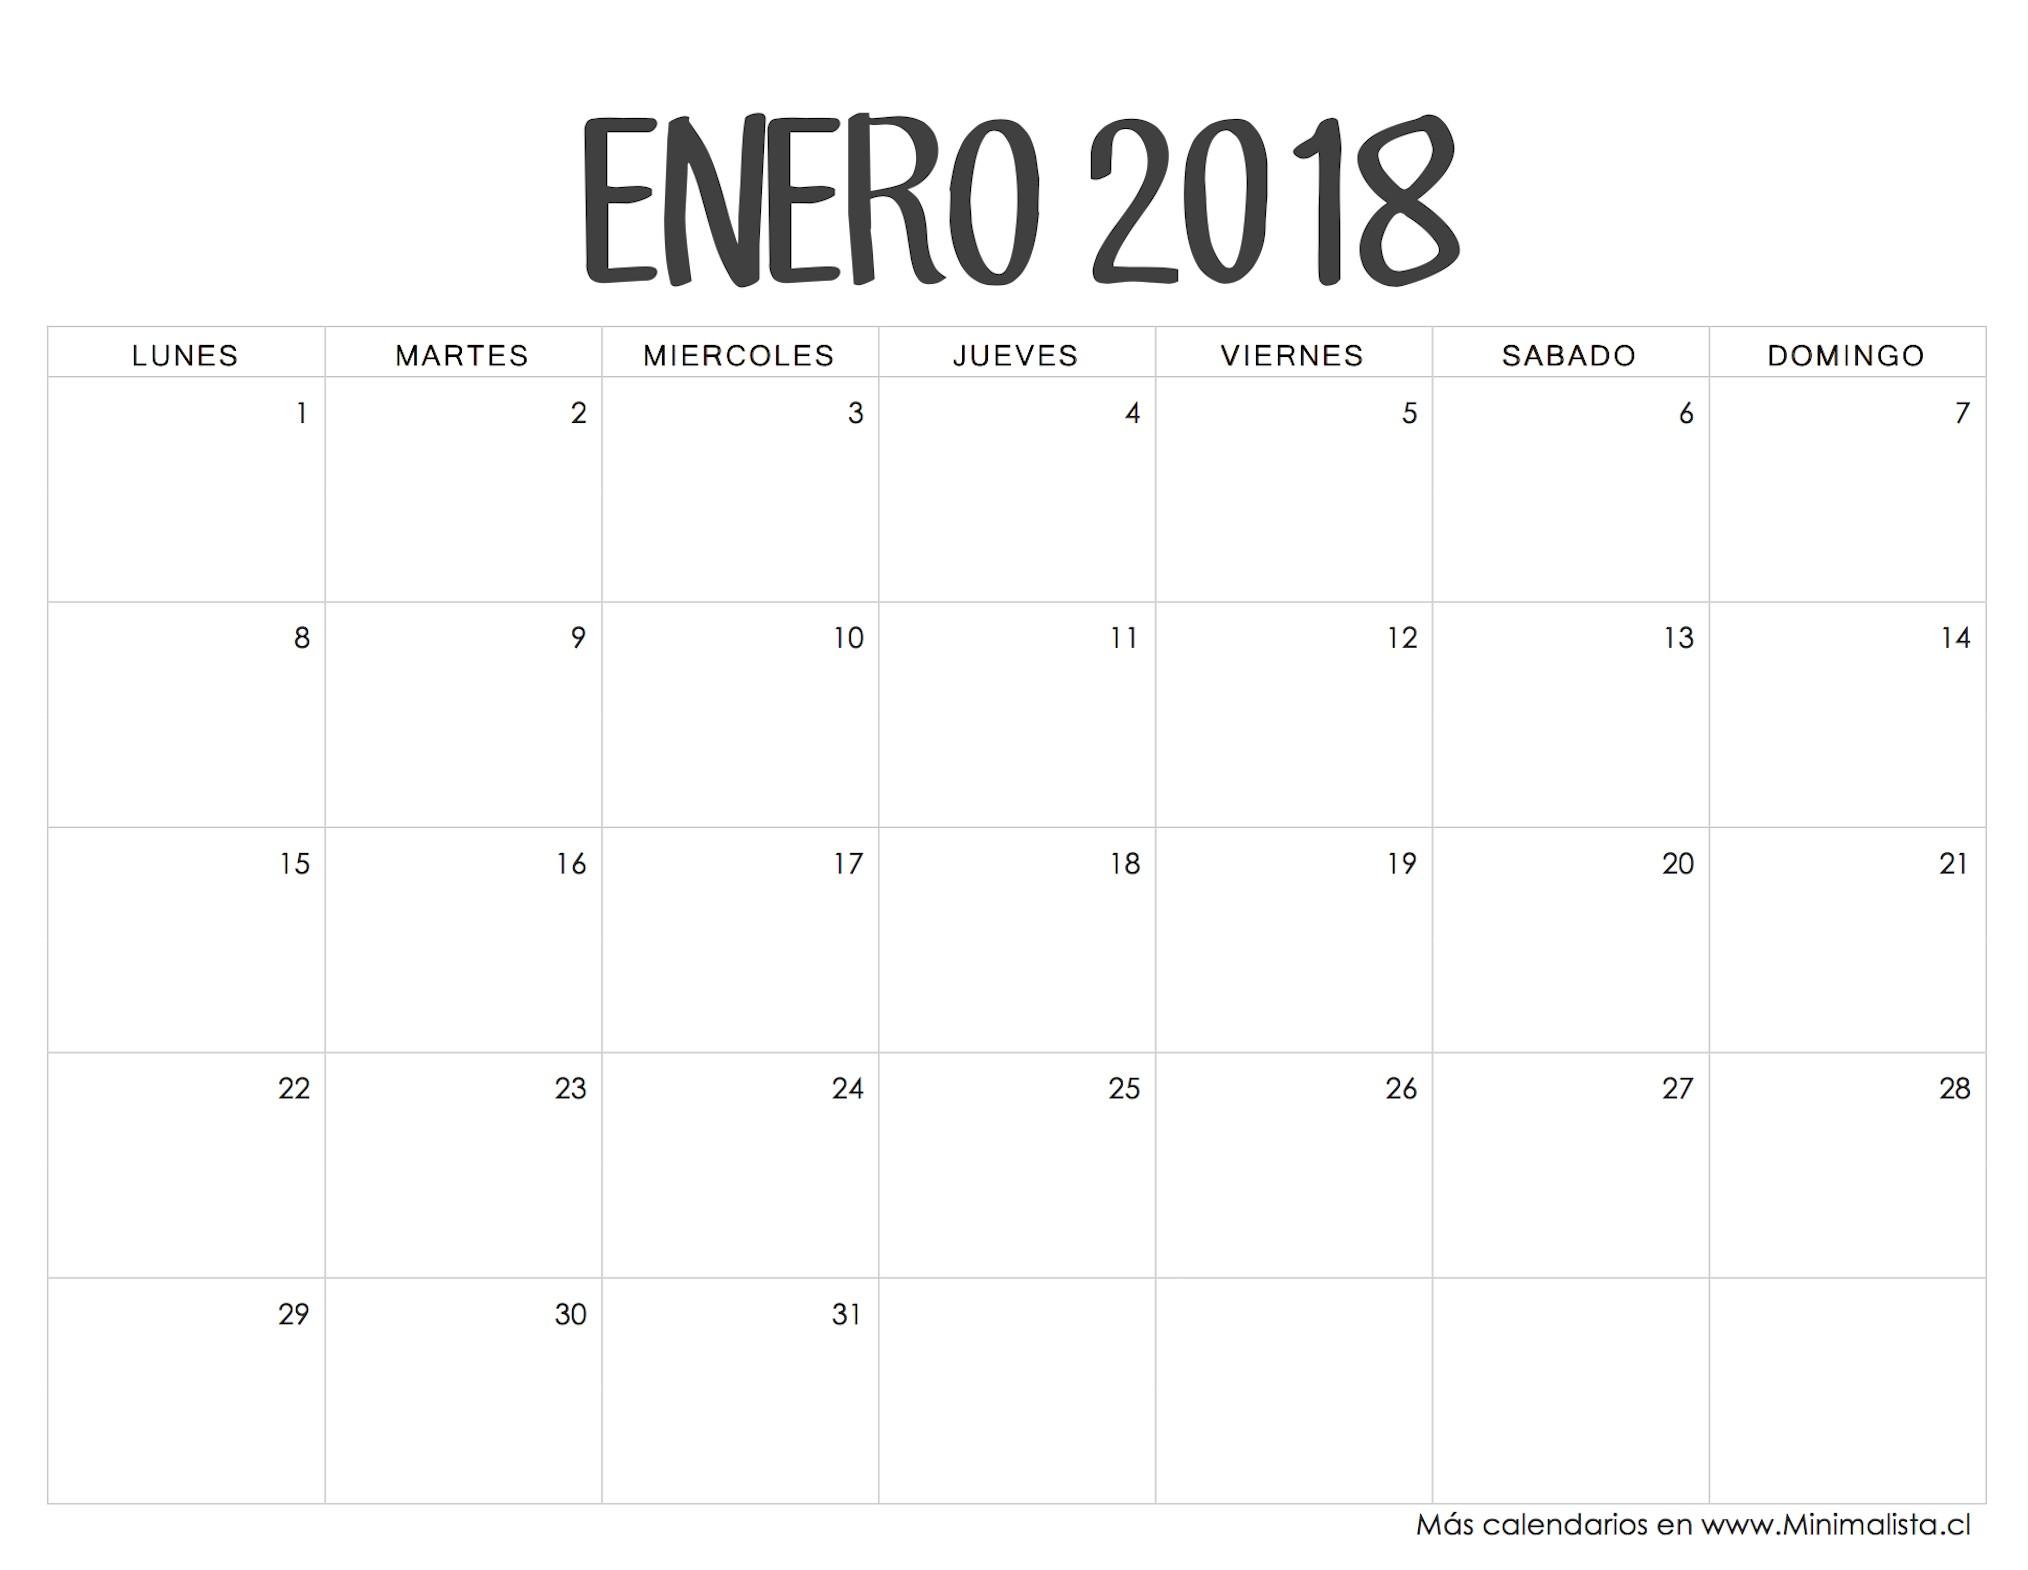 Calendario Imprimir Mundial 2019 Mejores Y Más Novedosos Calendarios 2018 Para Imprimir – Minimalista Of Calendario Imprimir Mundial 2019 Más Recientes Calendario Scouts Msc 2019